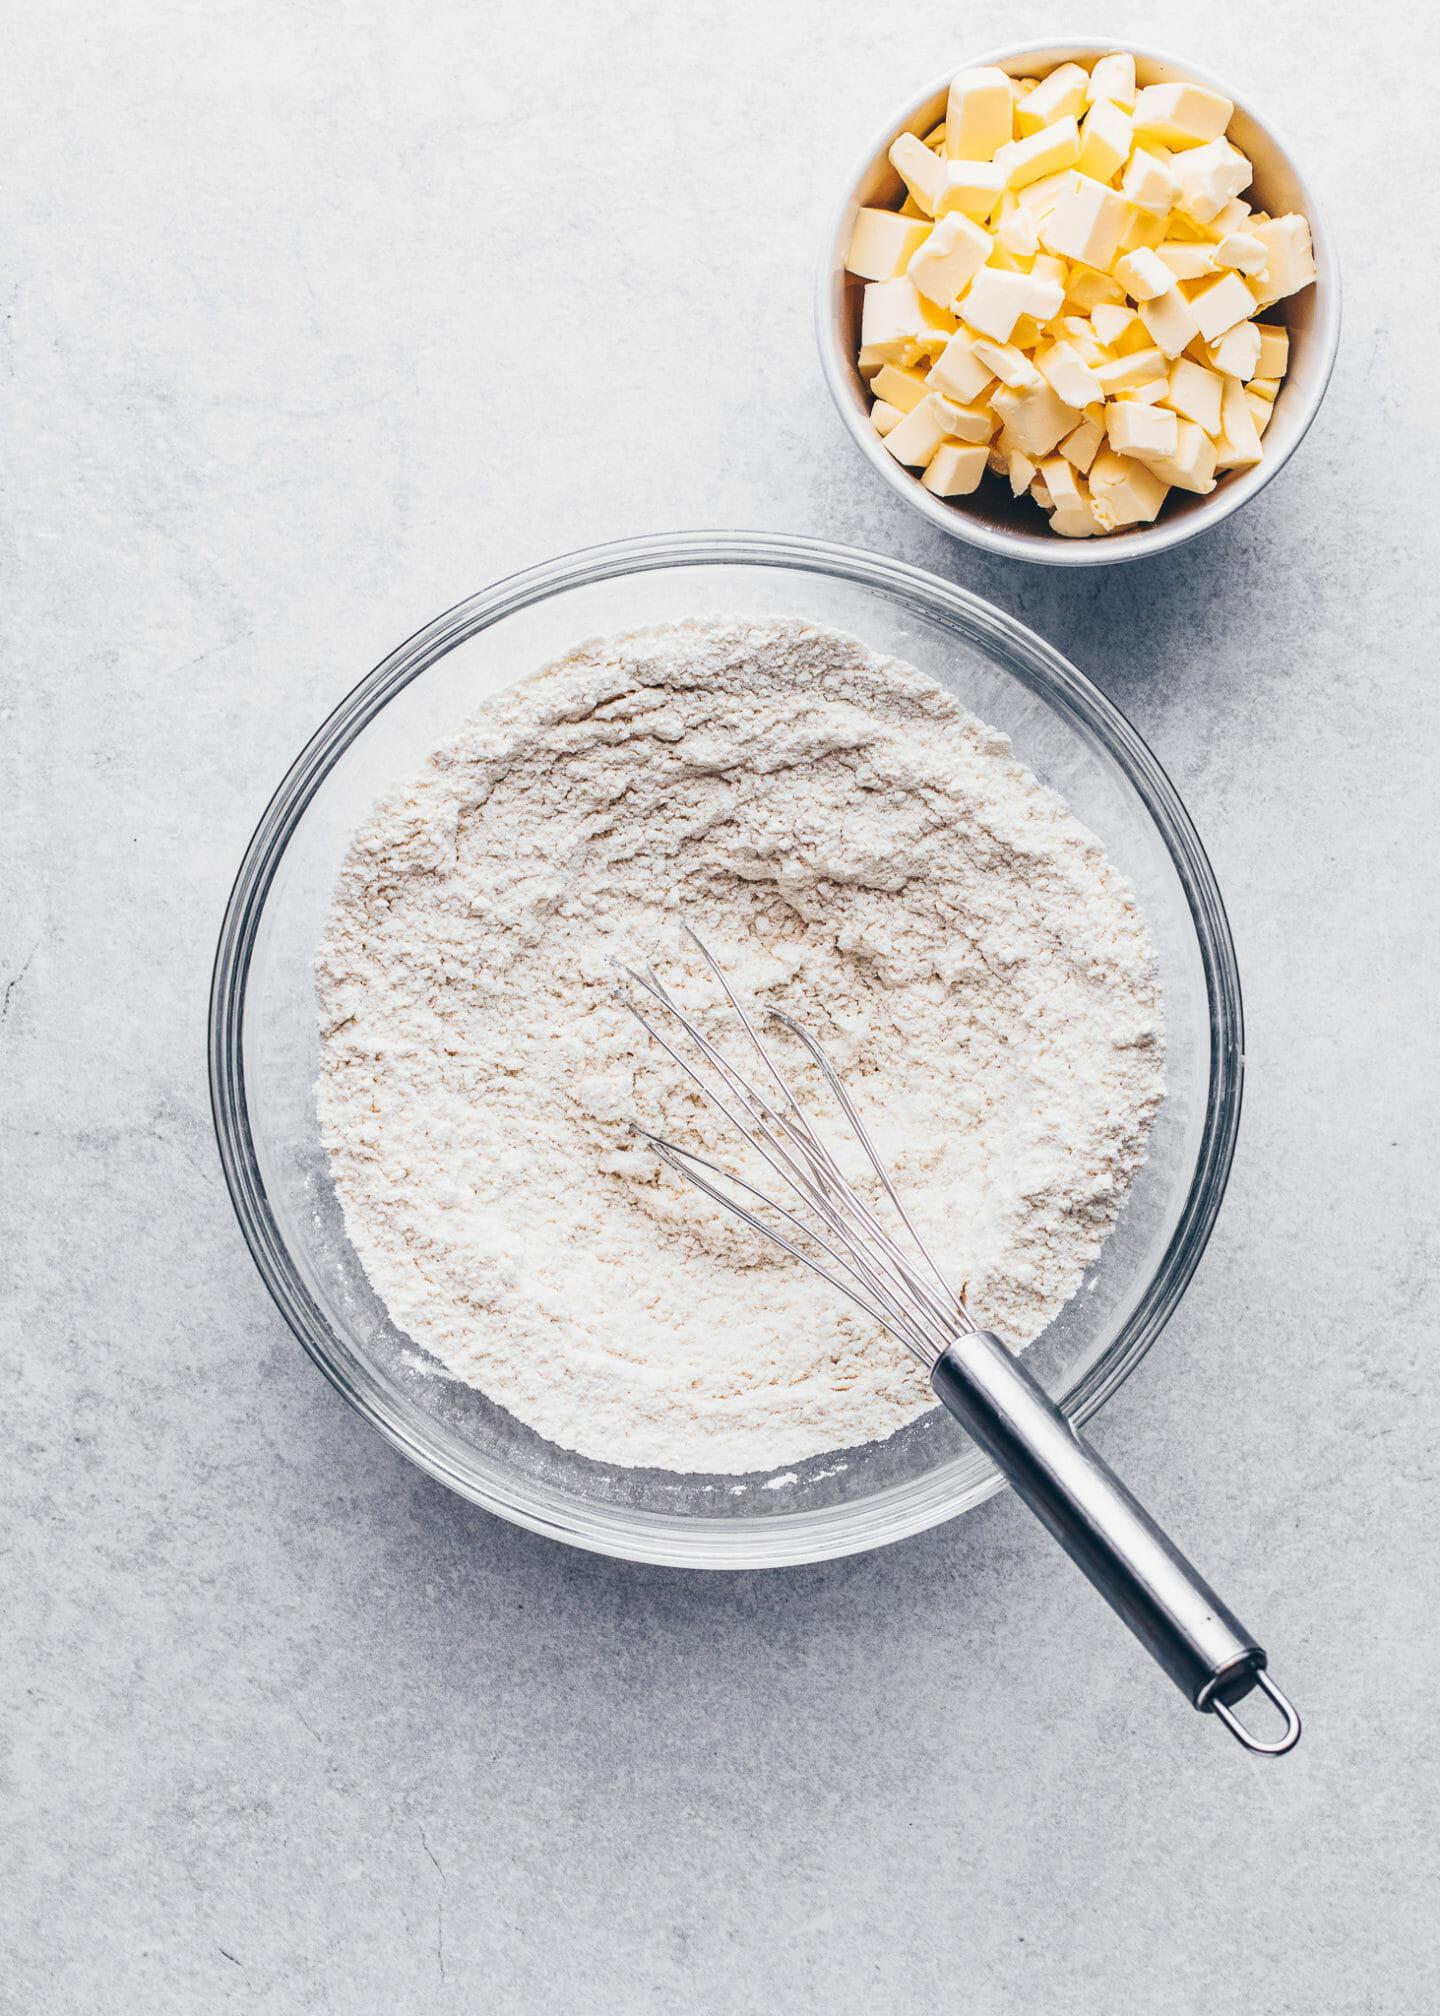 Mehl, Zucker und Salz in einer Schüssel für Mürbeteig